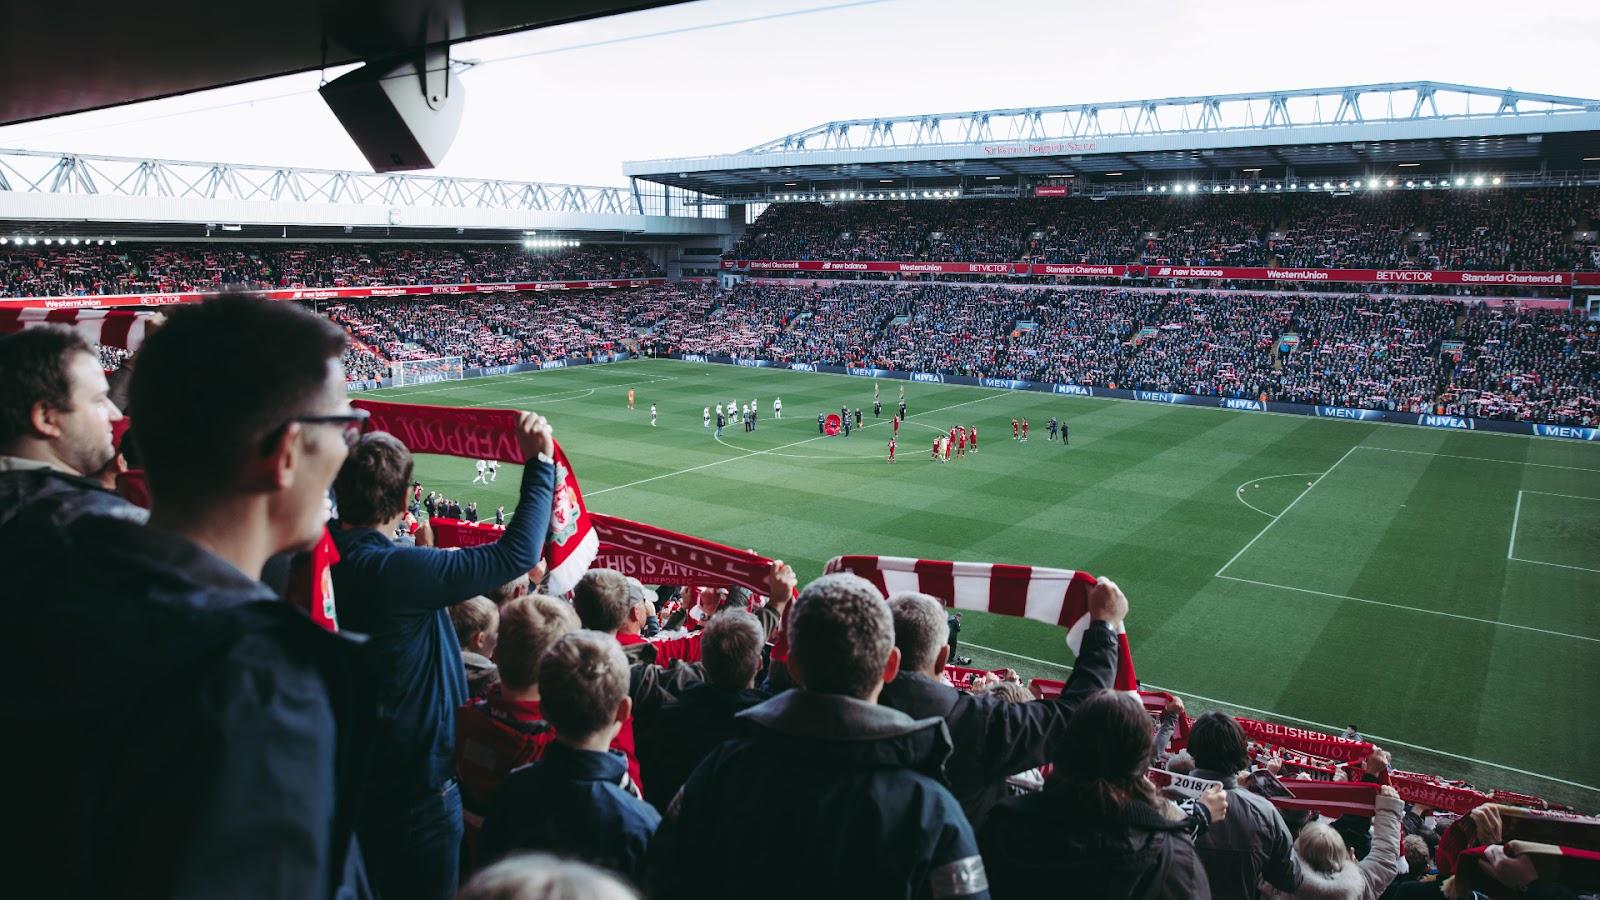 Hiệu suất của đội có thể ảnh hưởng đến sự đoàn kết của người hâm mộ